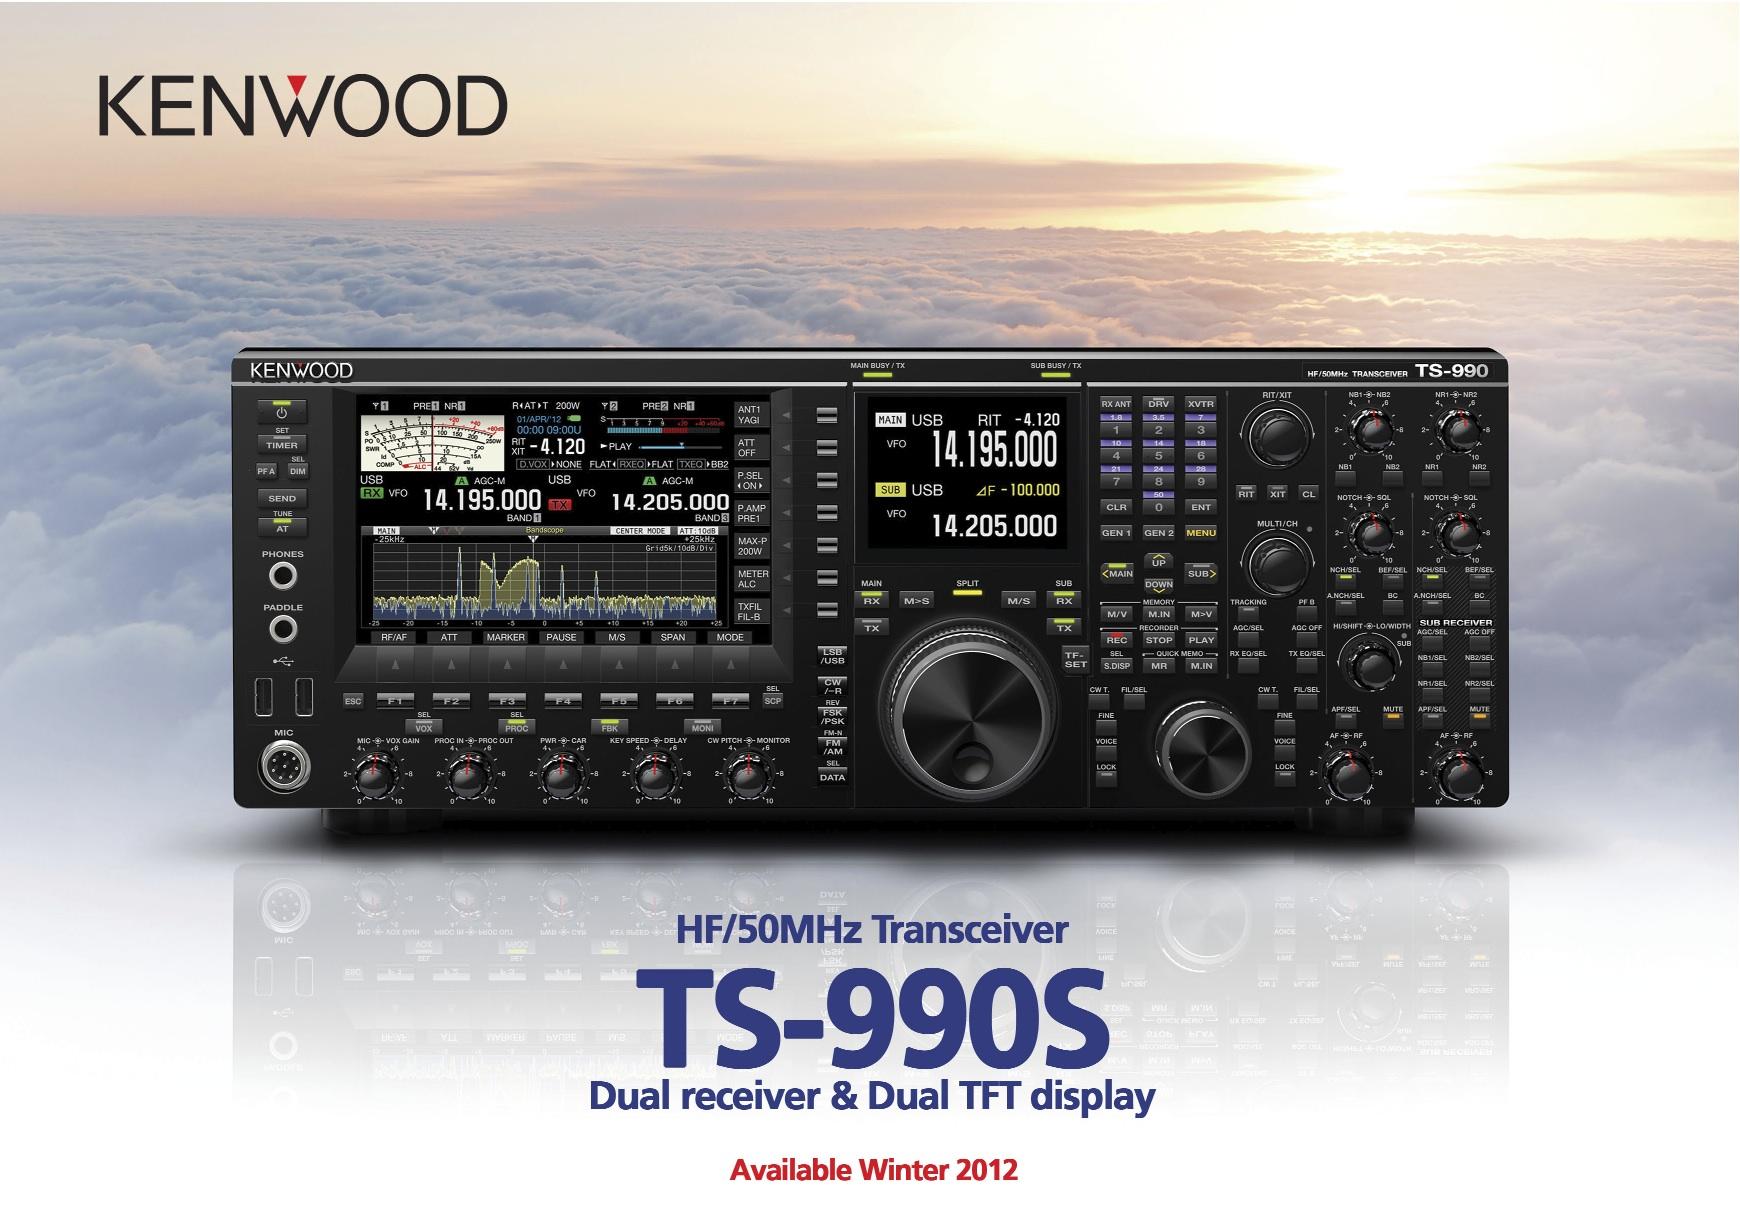 Extrait plaquette Kenwood TS-990s